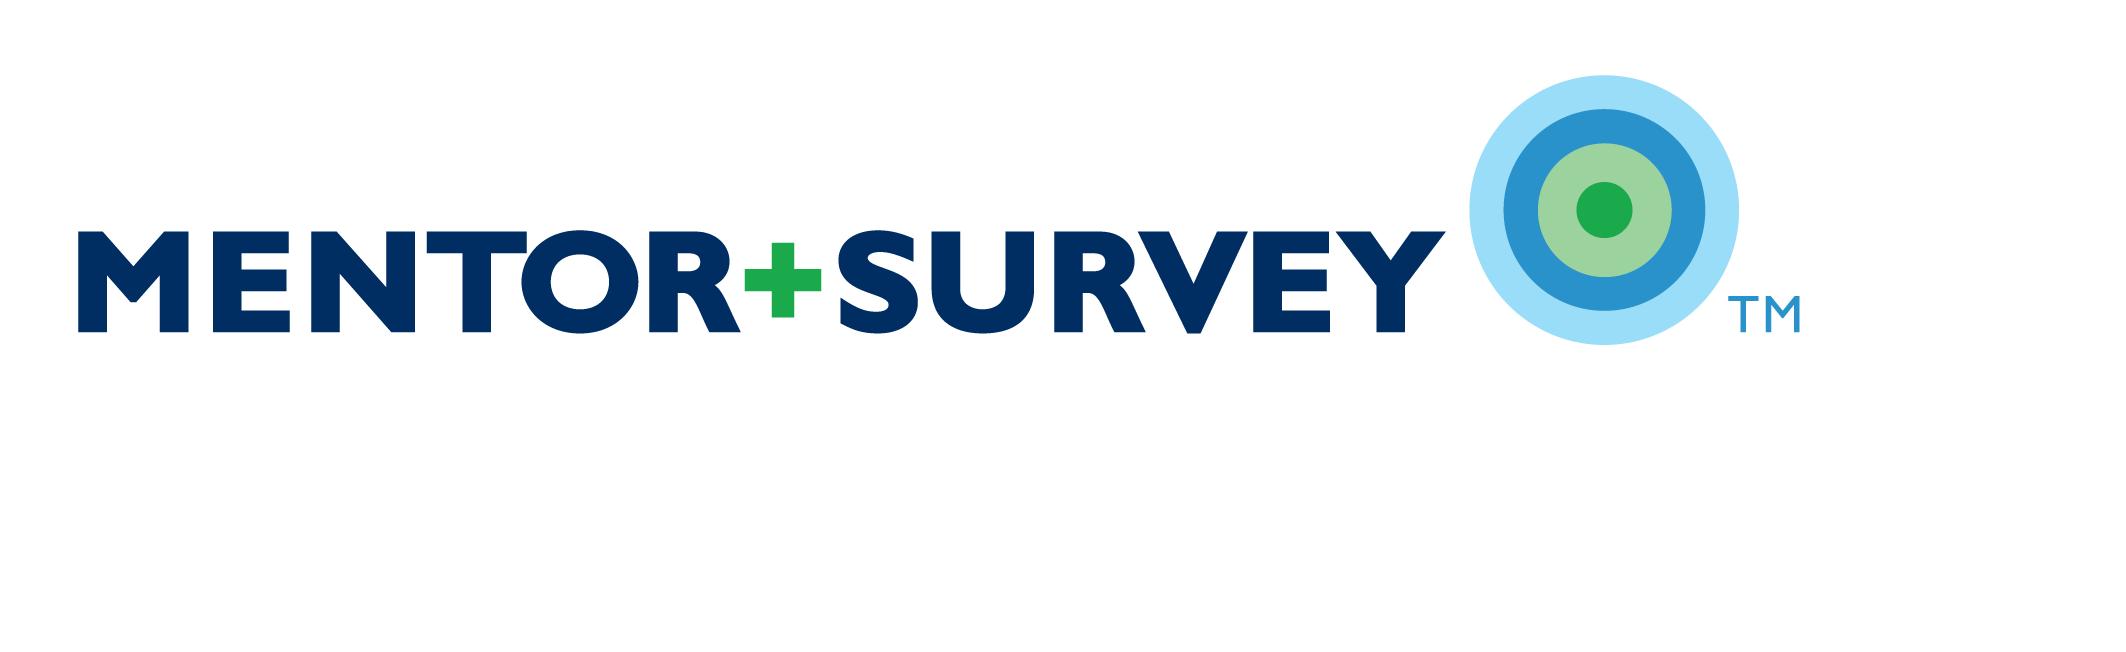 LOGO_Mentor+Survey_ENG_2014